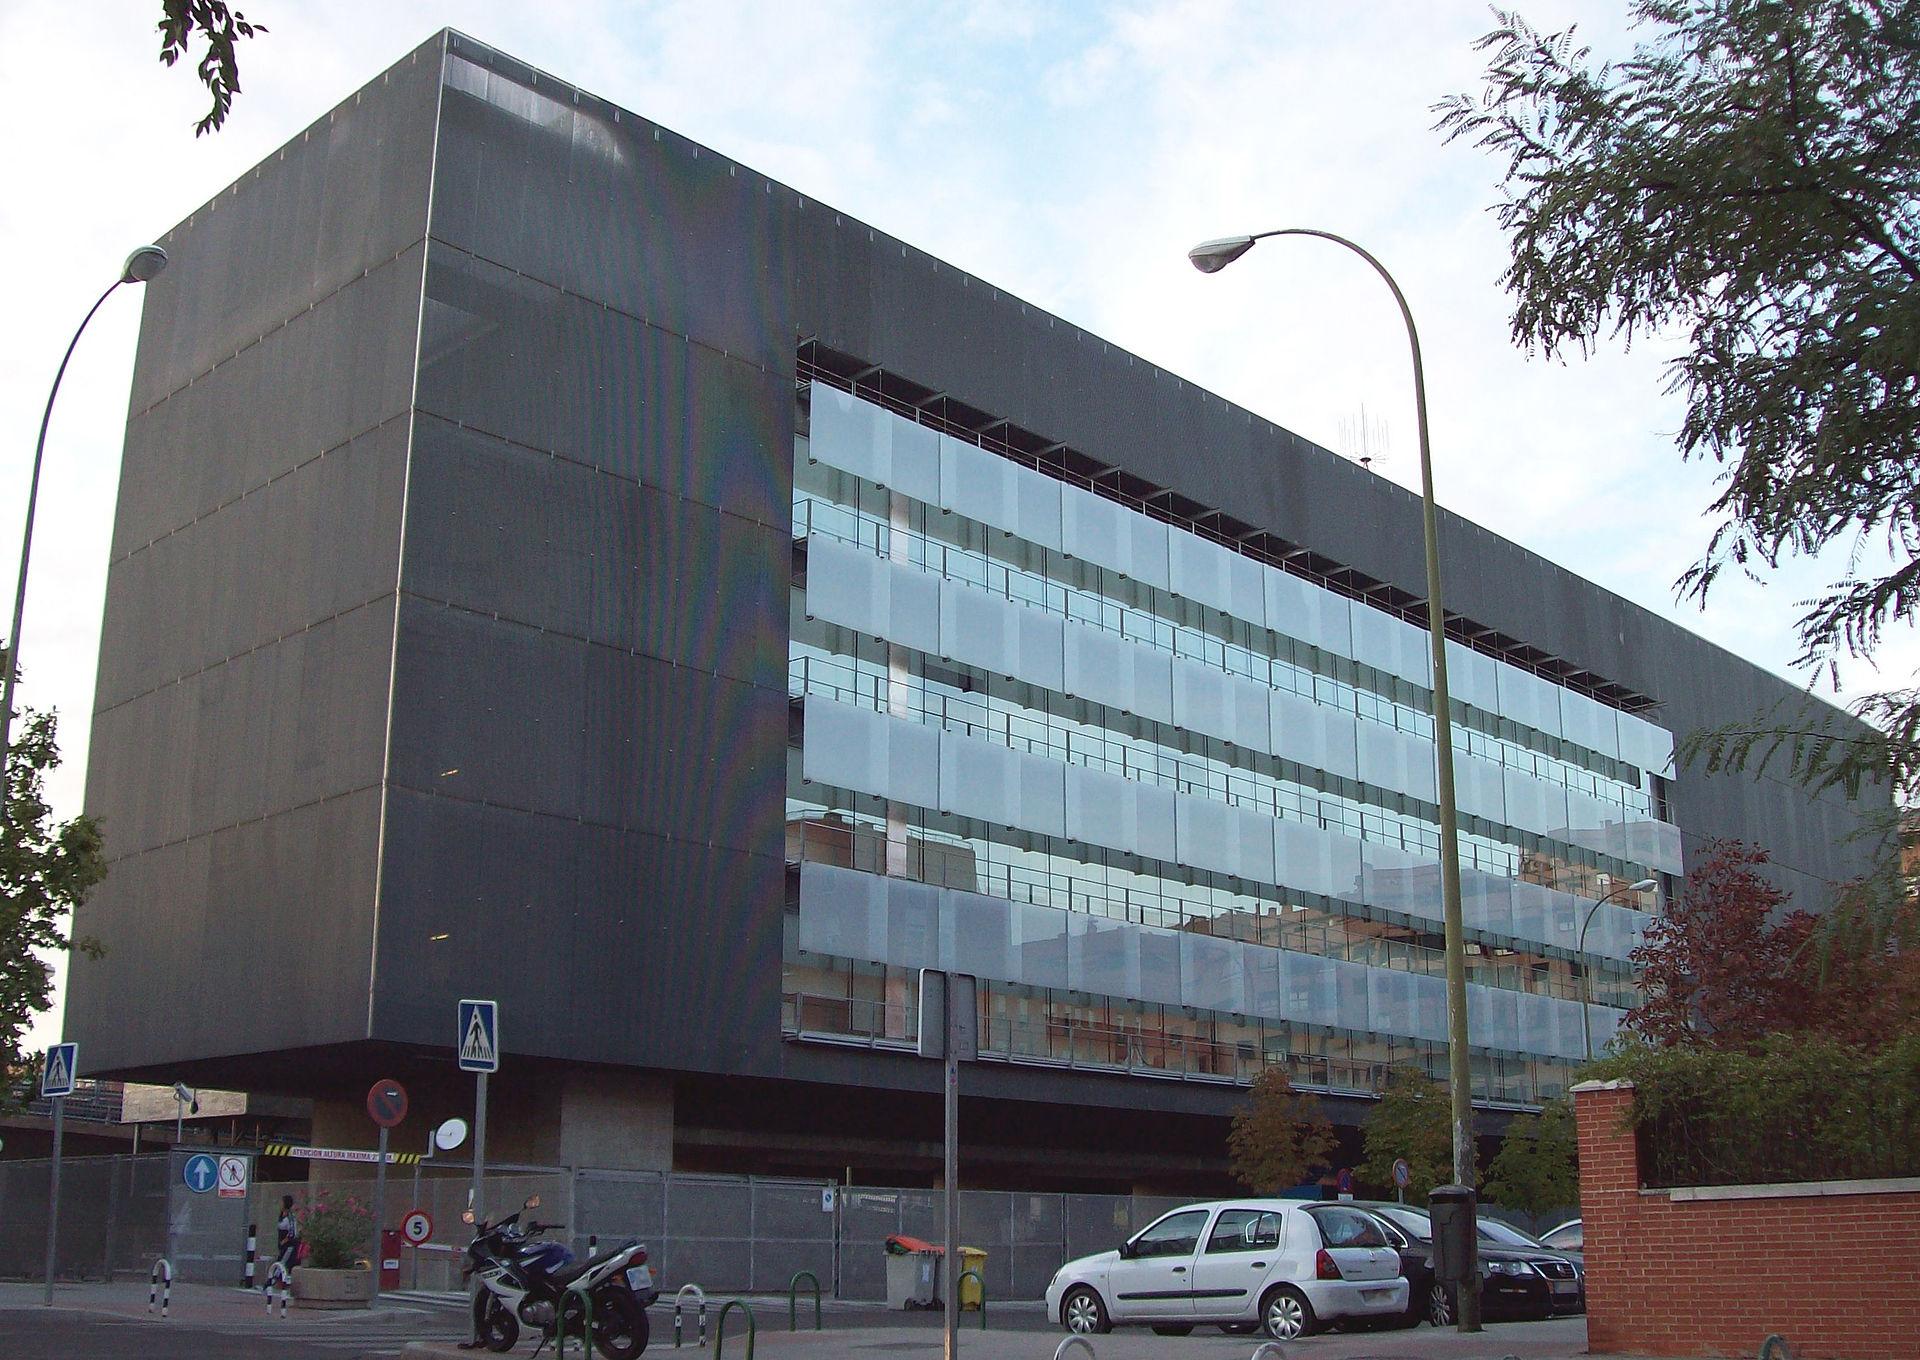 Empresa municipal de transportes de madrid wikipedia la enciclopedia libre - Empresas domotica madrid ...